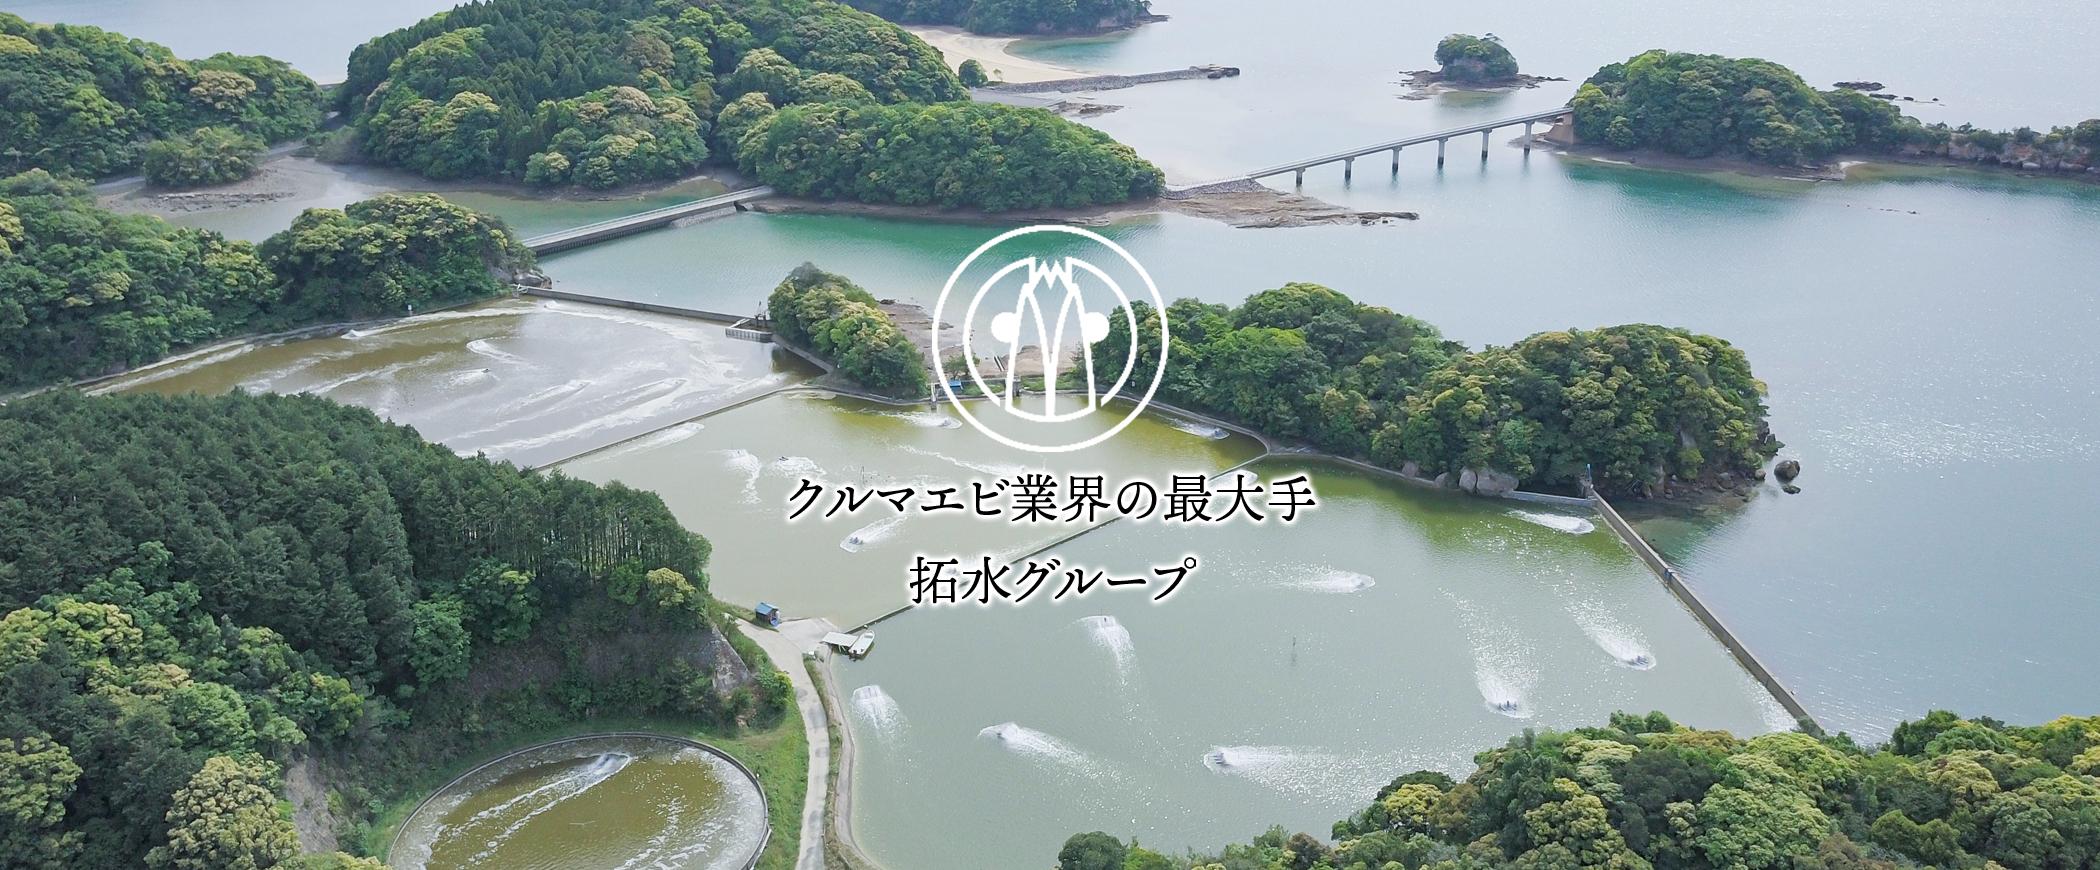 top_slide_02.jpg